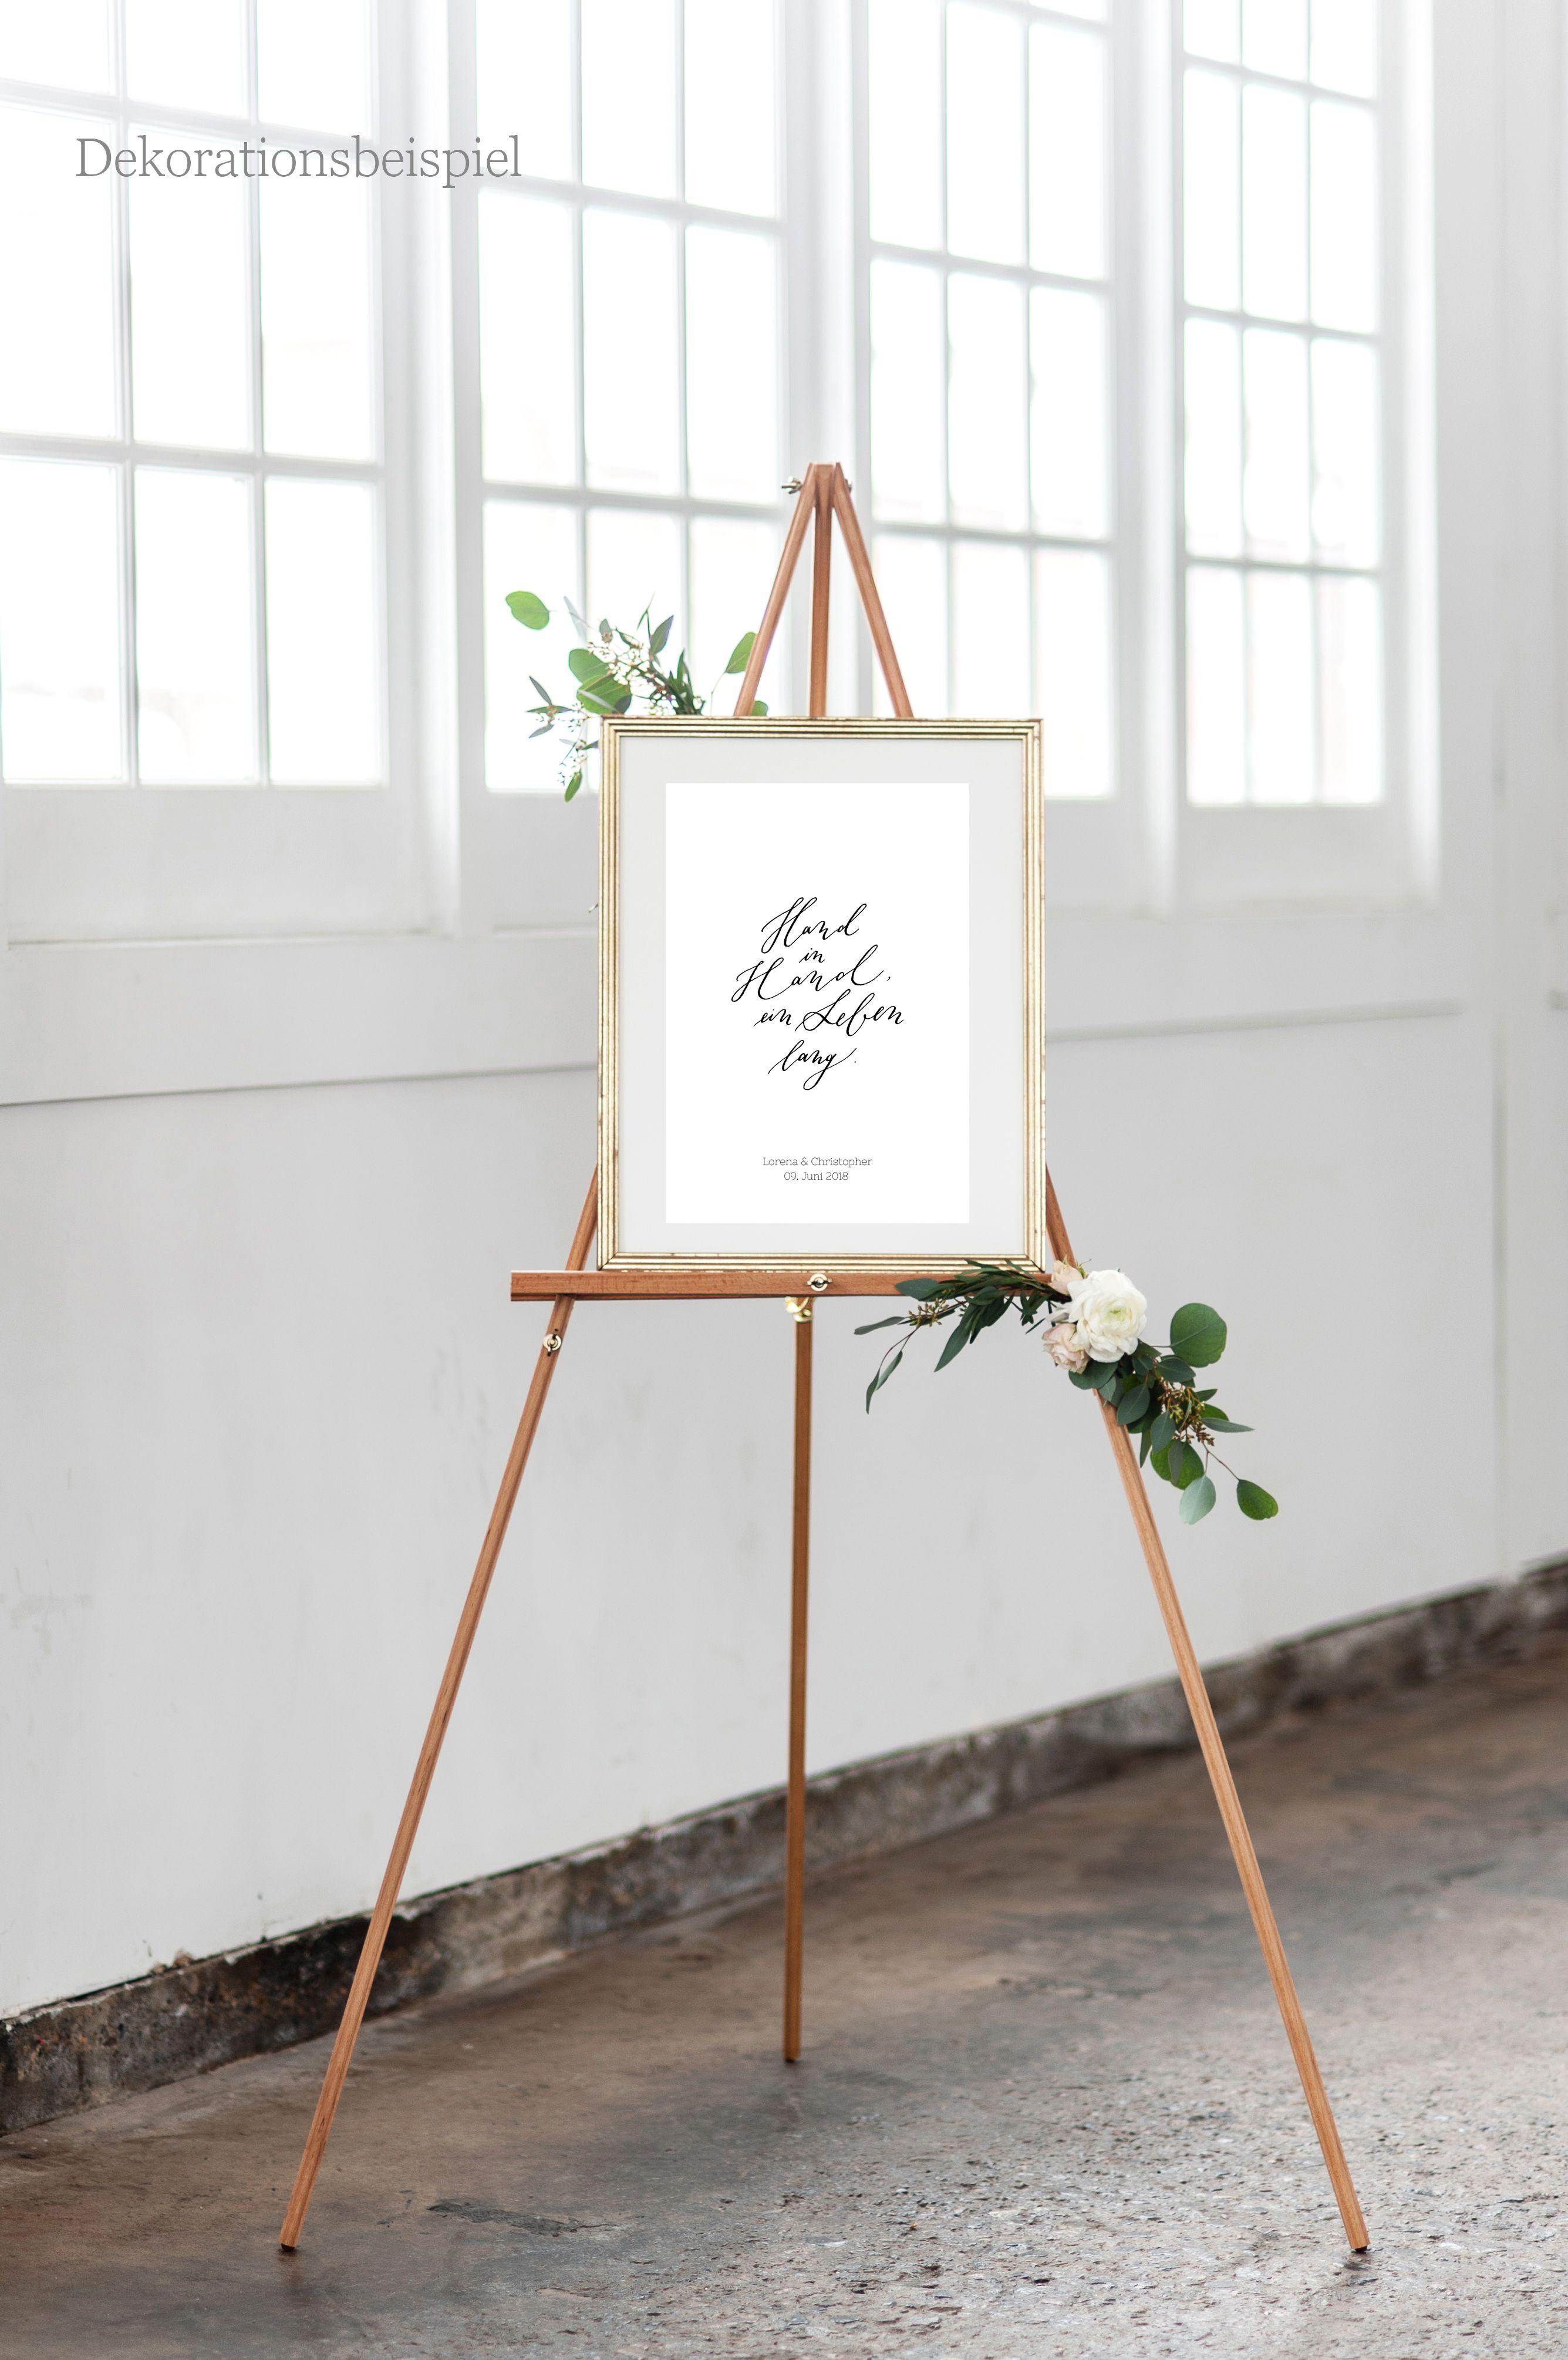 Hochzeitsdekoration Mit Schild Hochzeitsschild Poster Mit Namen Des